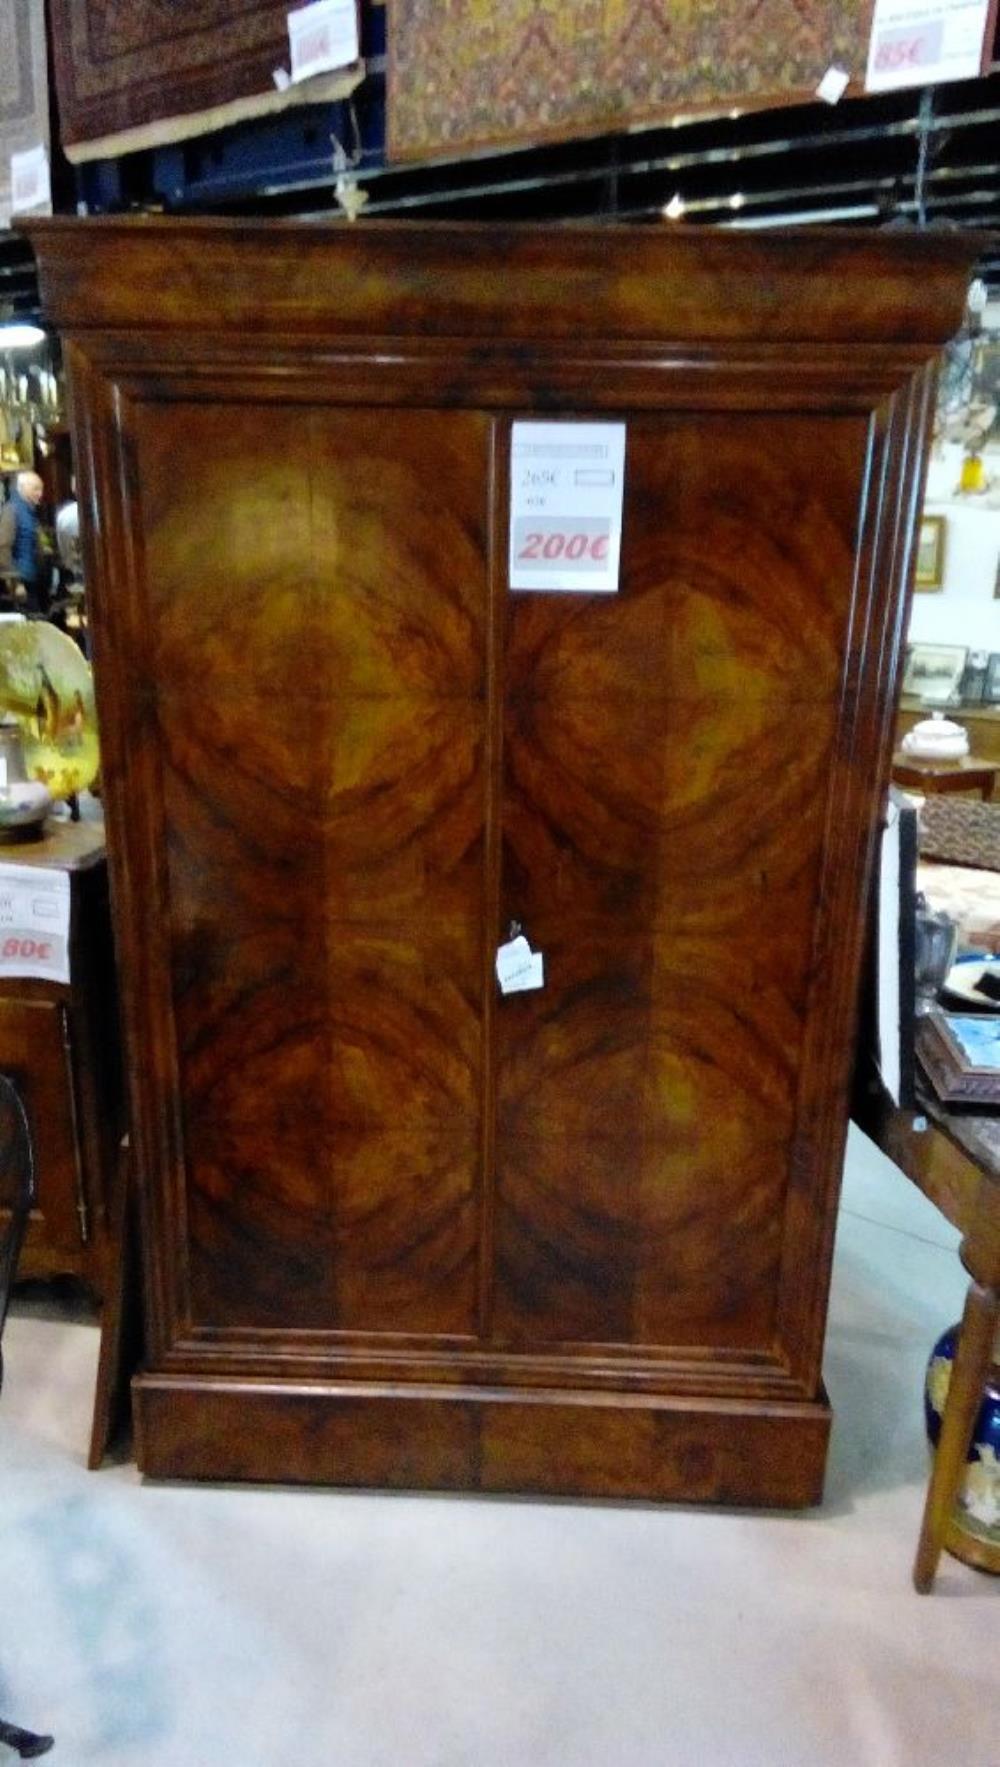 armoire 2p 1t ronce noyer l121h195p47 occasion la boutique du chineur. Black Bedroom Furniture Sets. Home Design Ideas